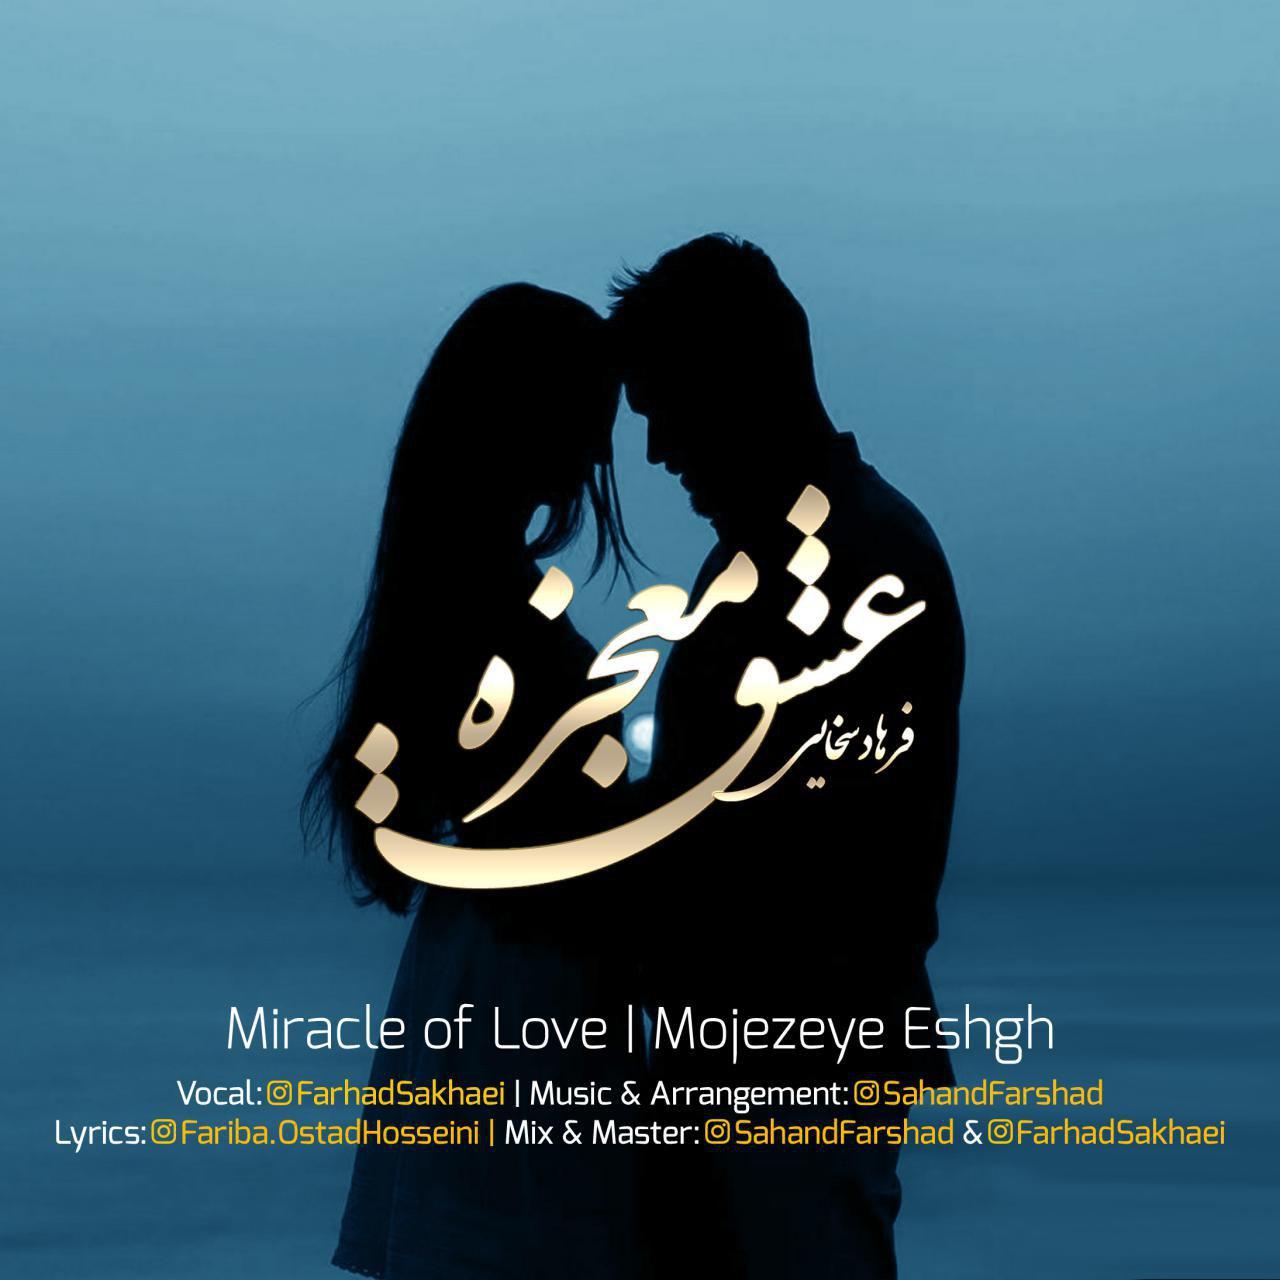 فرهاد سخایی - معجزه عشق